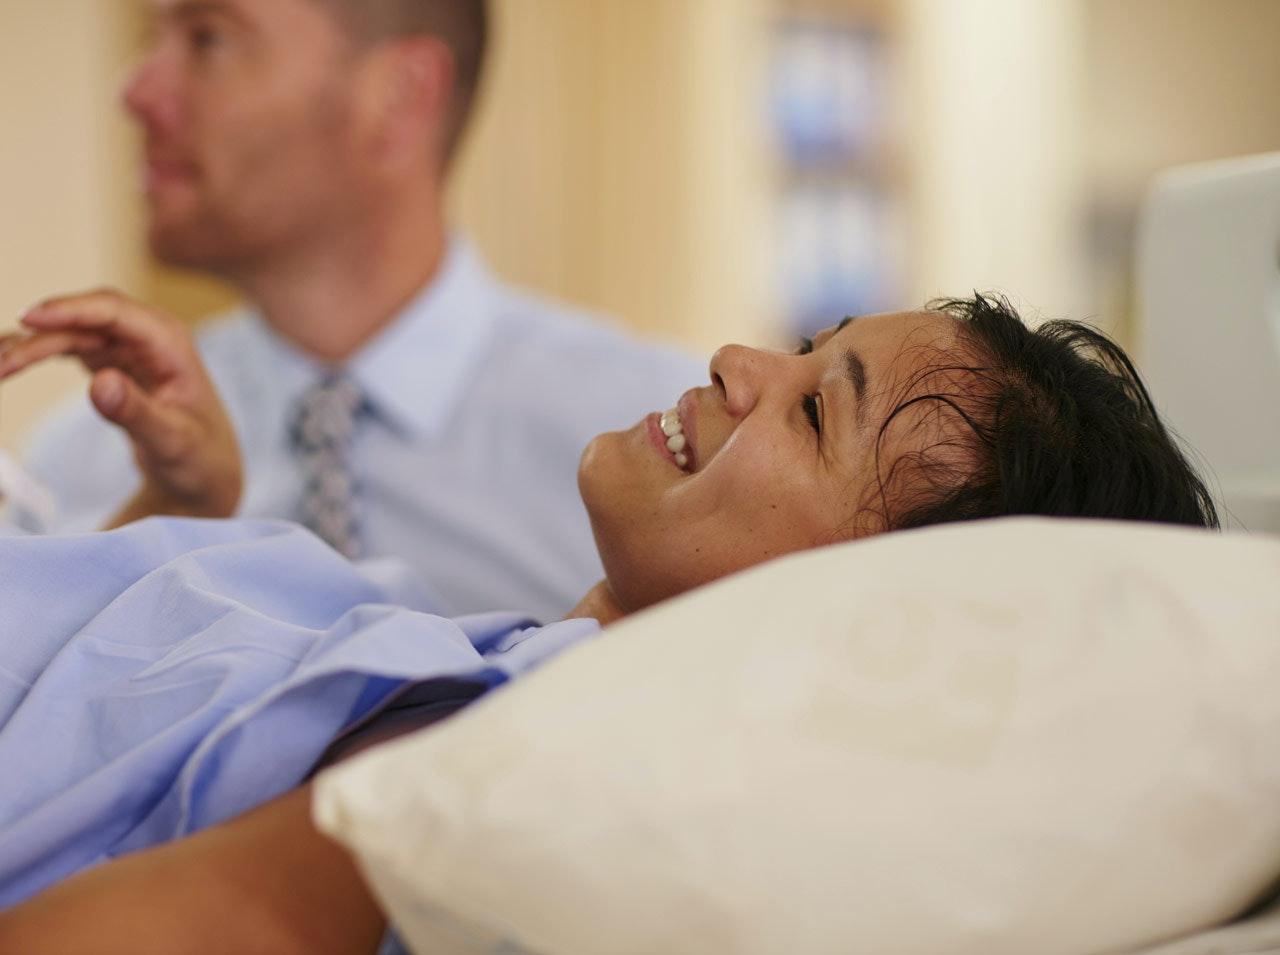 La douleur de l'accouchement, de quoi s'agit-il ?